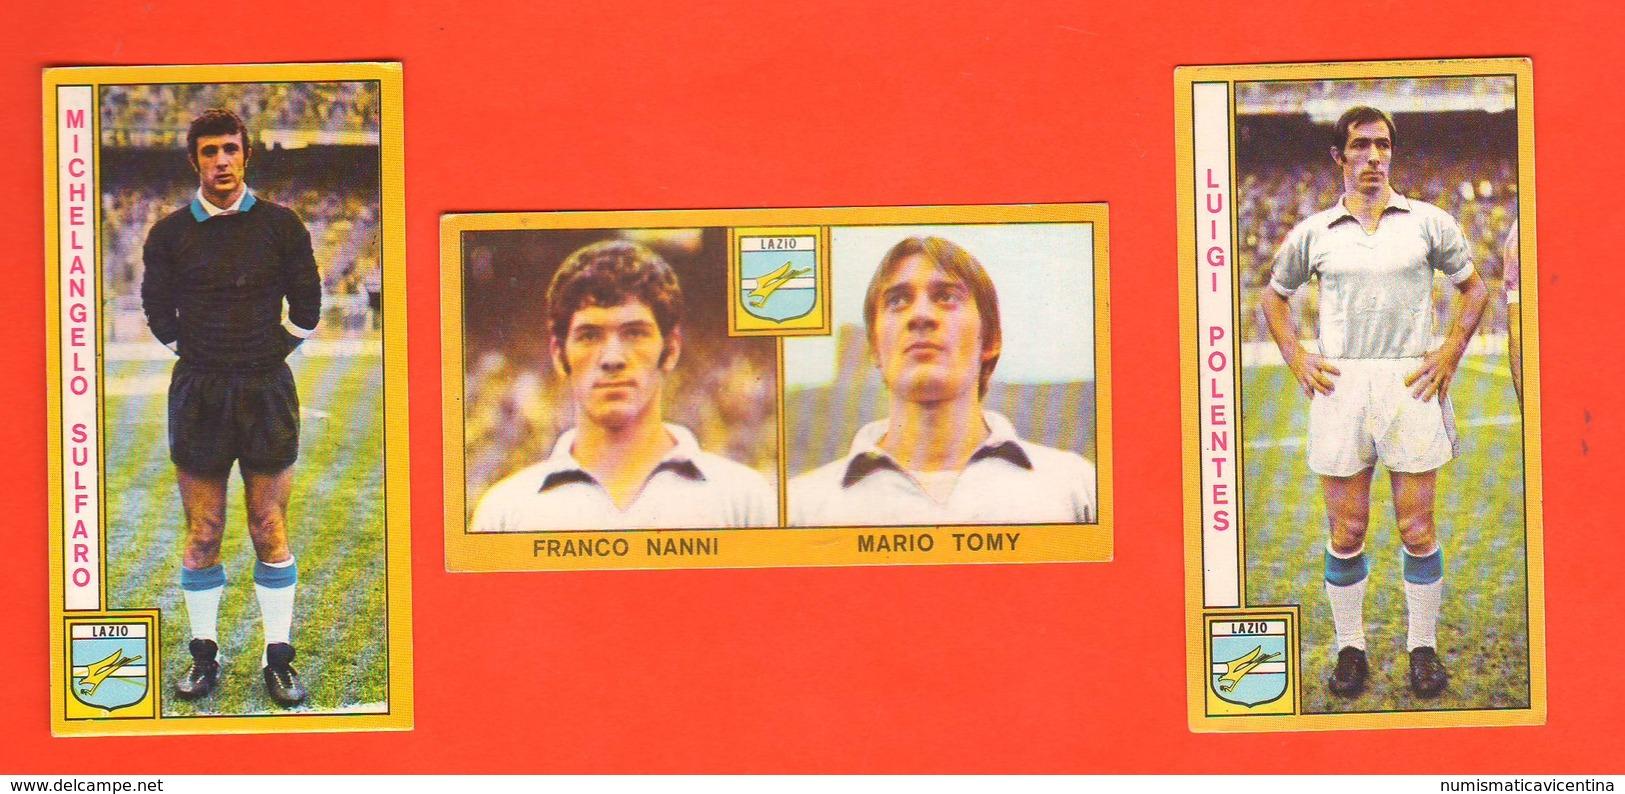 Calcio PANINI 3 Figurine Squadra LAZIO Campionati 1969 - 70 Calciatori NANNI TOMY SULFARO POLENTES - Edizione Italiana